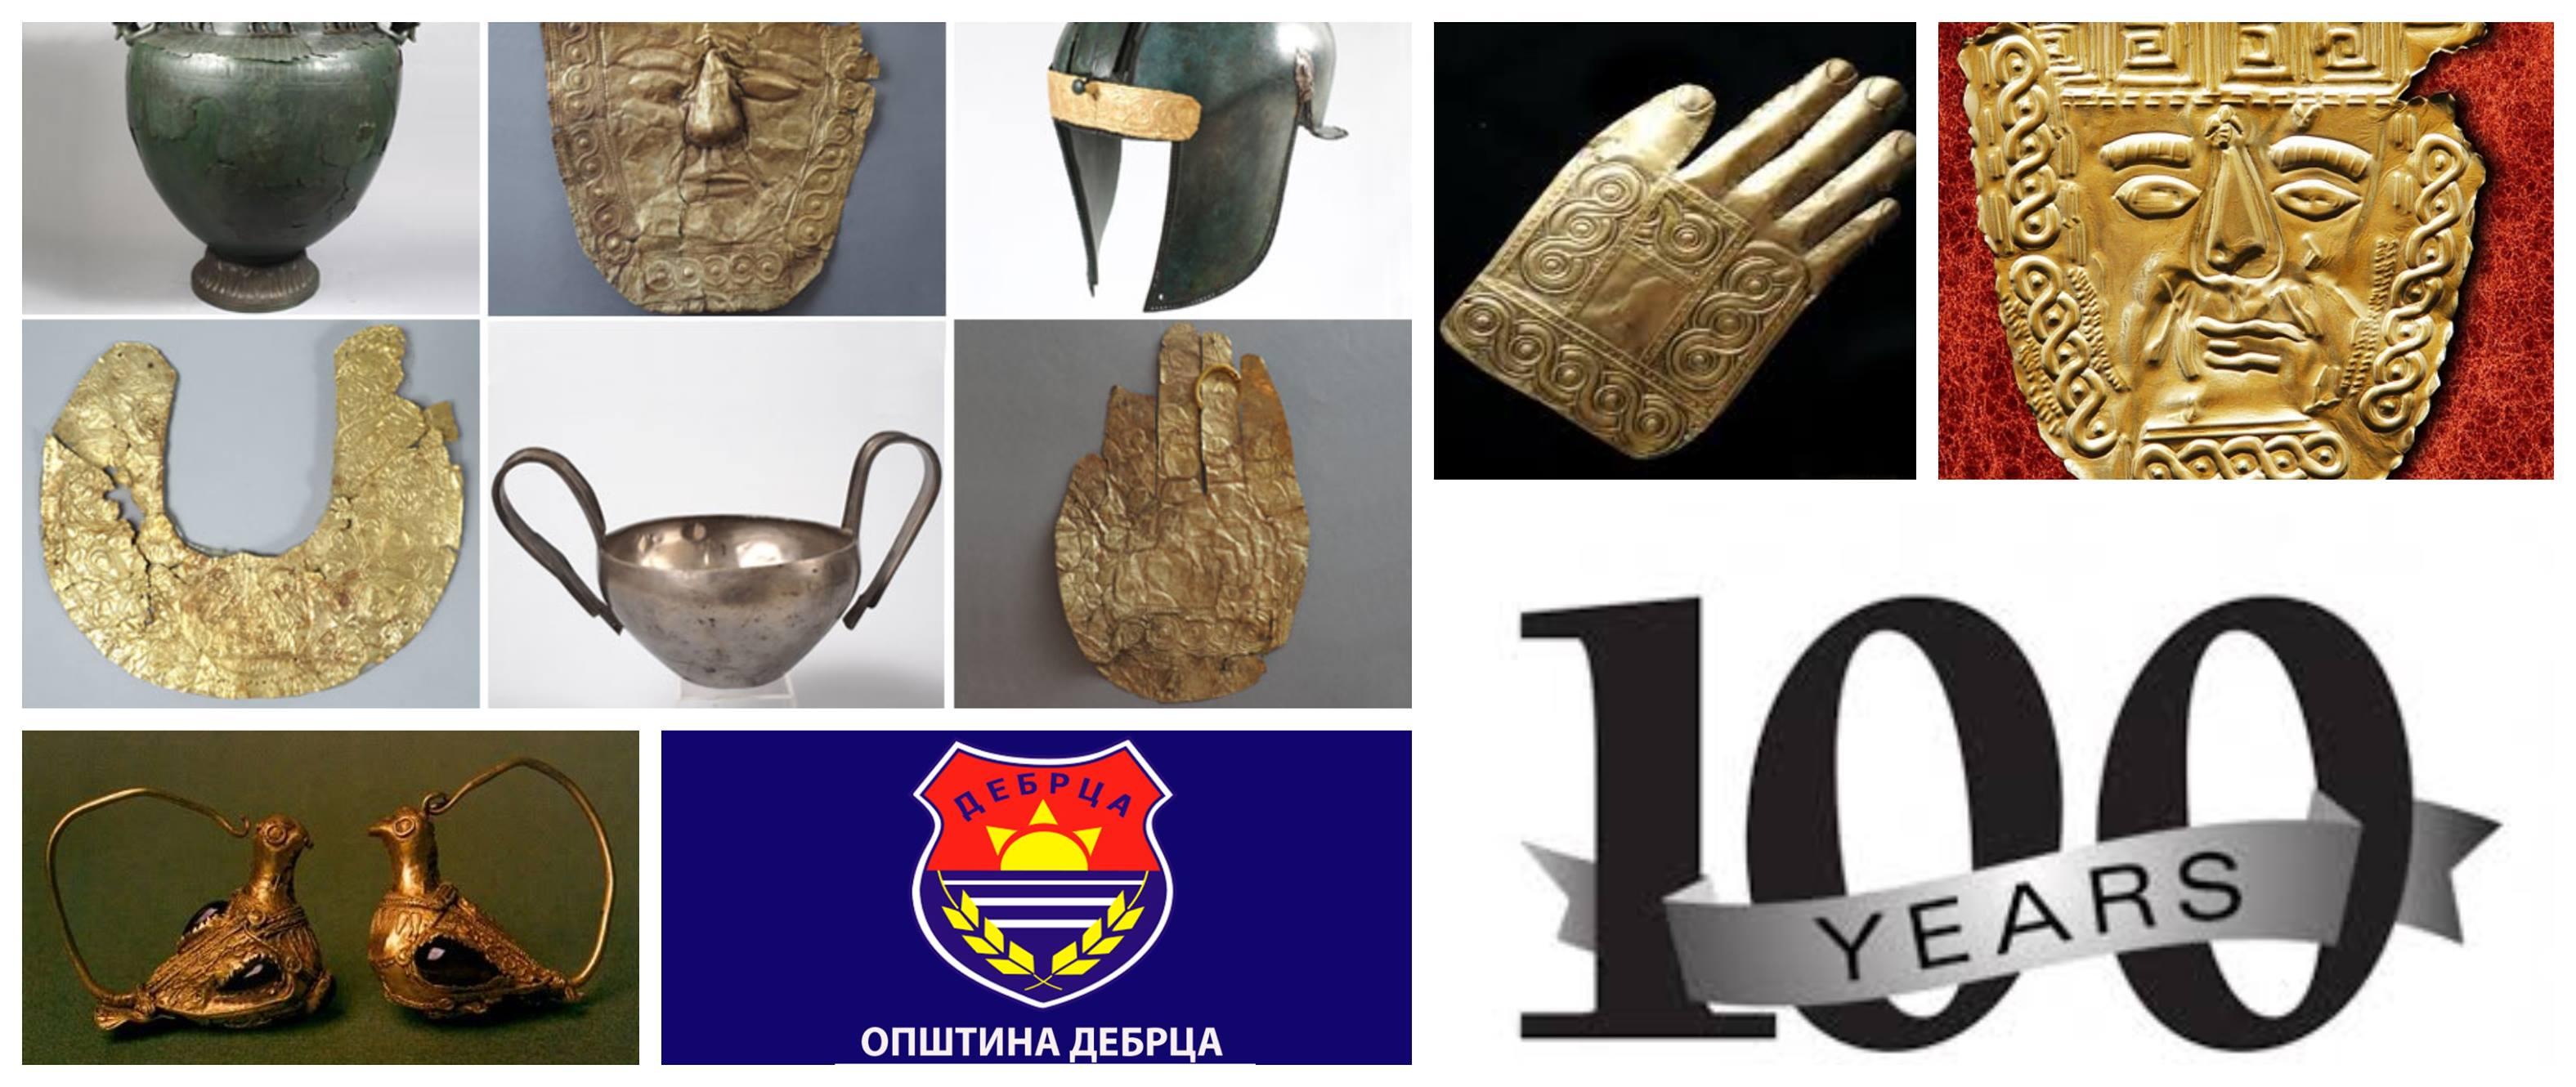 """Јубилејна изложба """"100 години Требениште"""""""